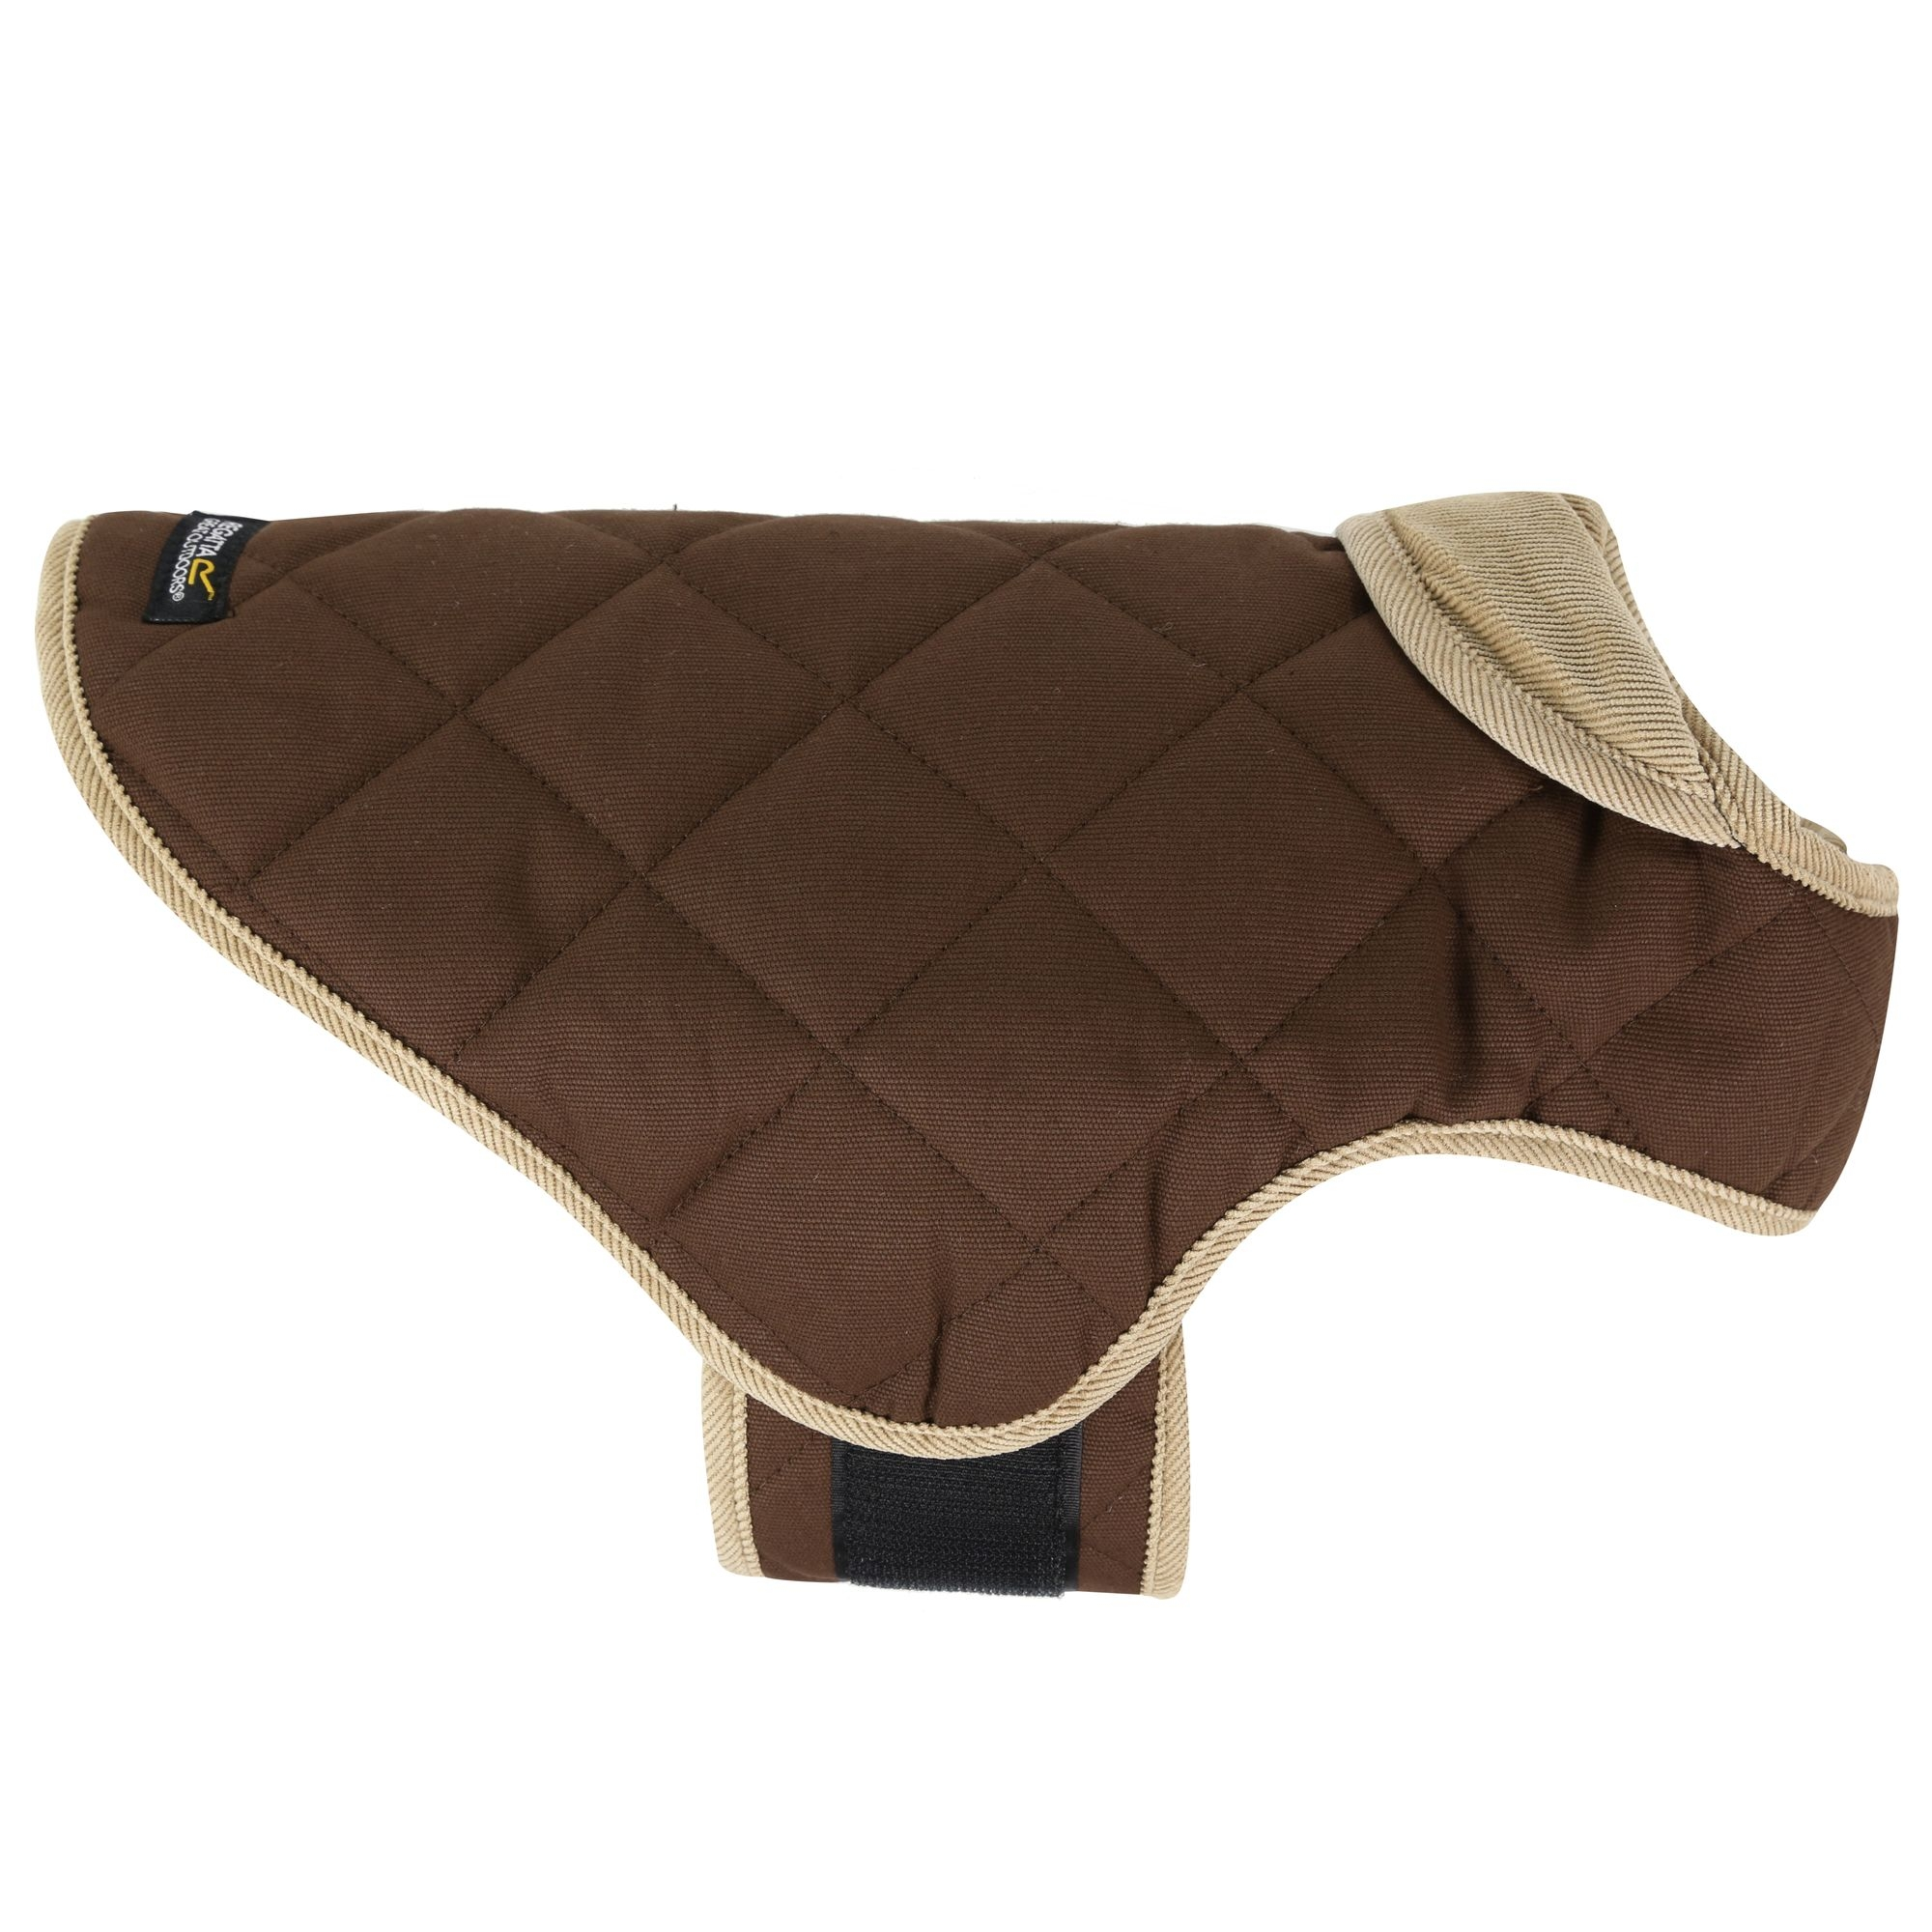 Regatta Chillguard Insulated Dog Coat - Brown - S